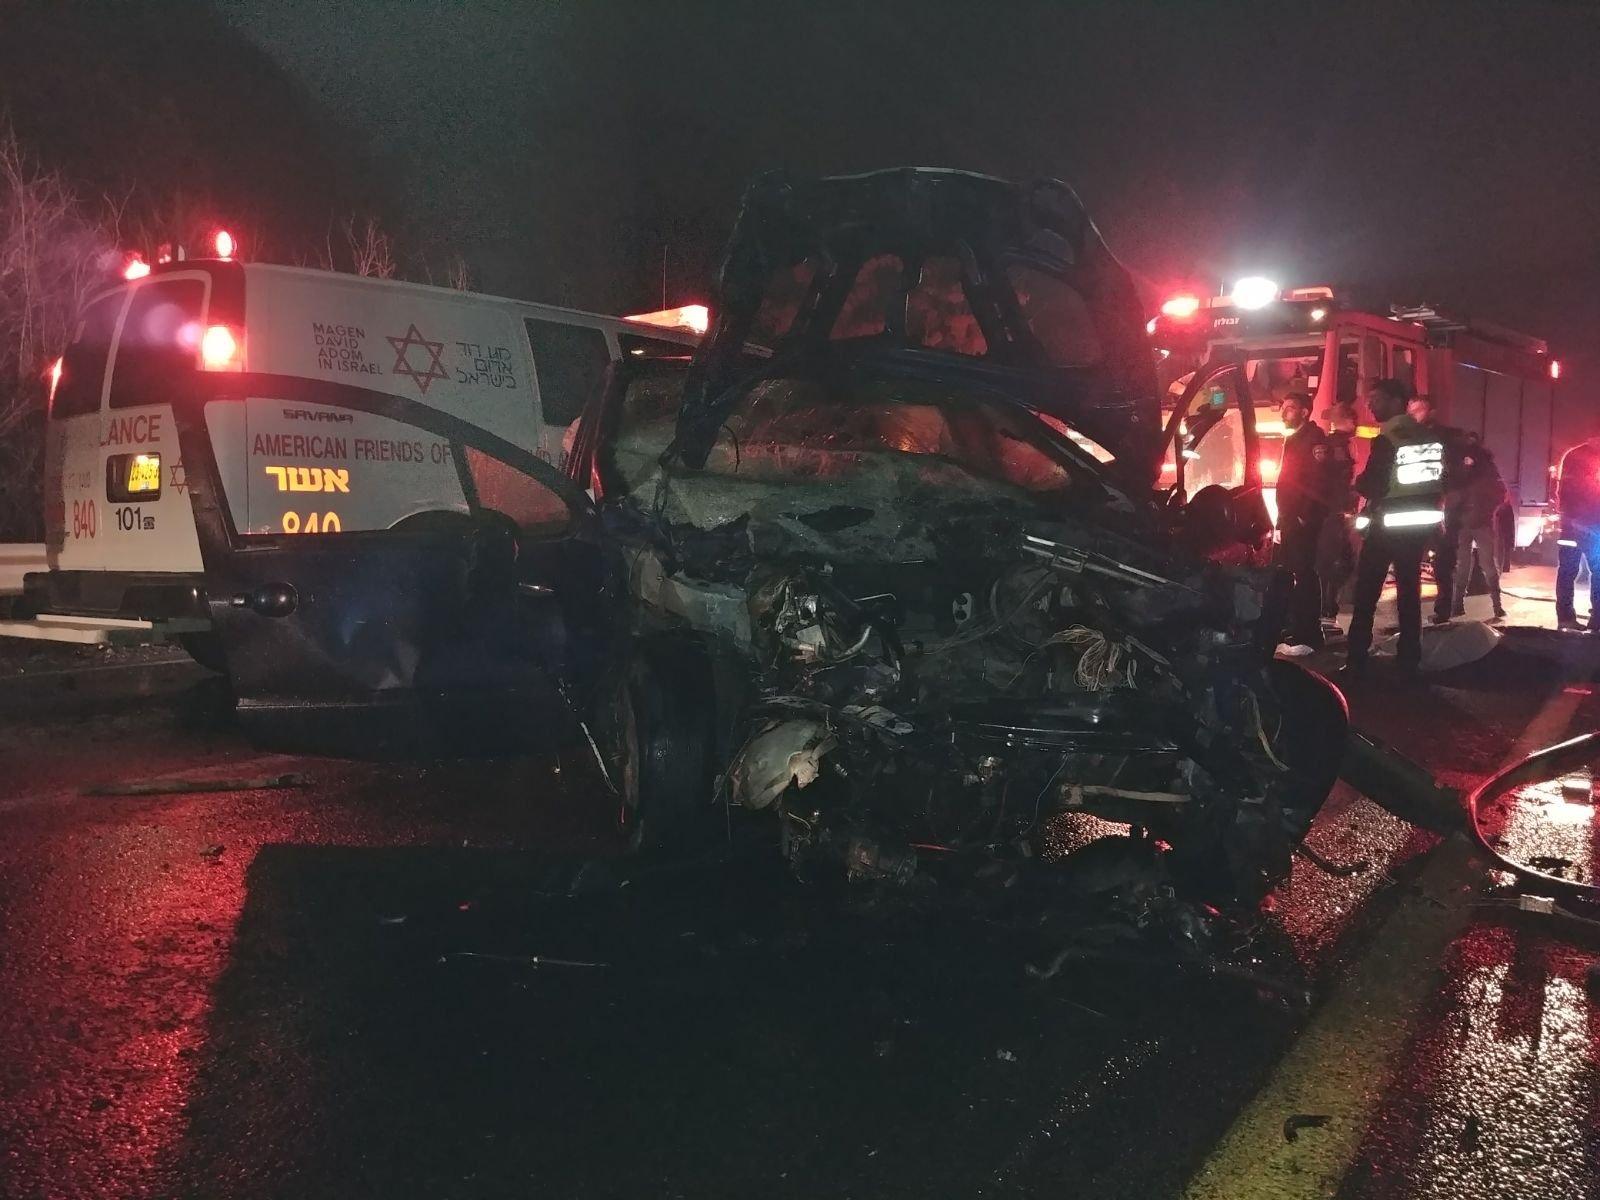 قتيلان و3 جرحى كلهم عرب بحادث وانفجار سيارة قرب مفترق الكابري-2